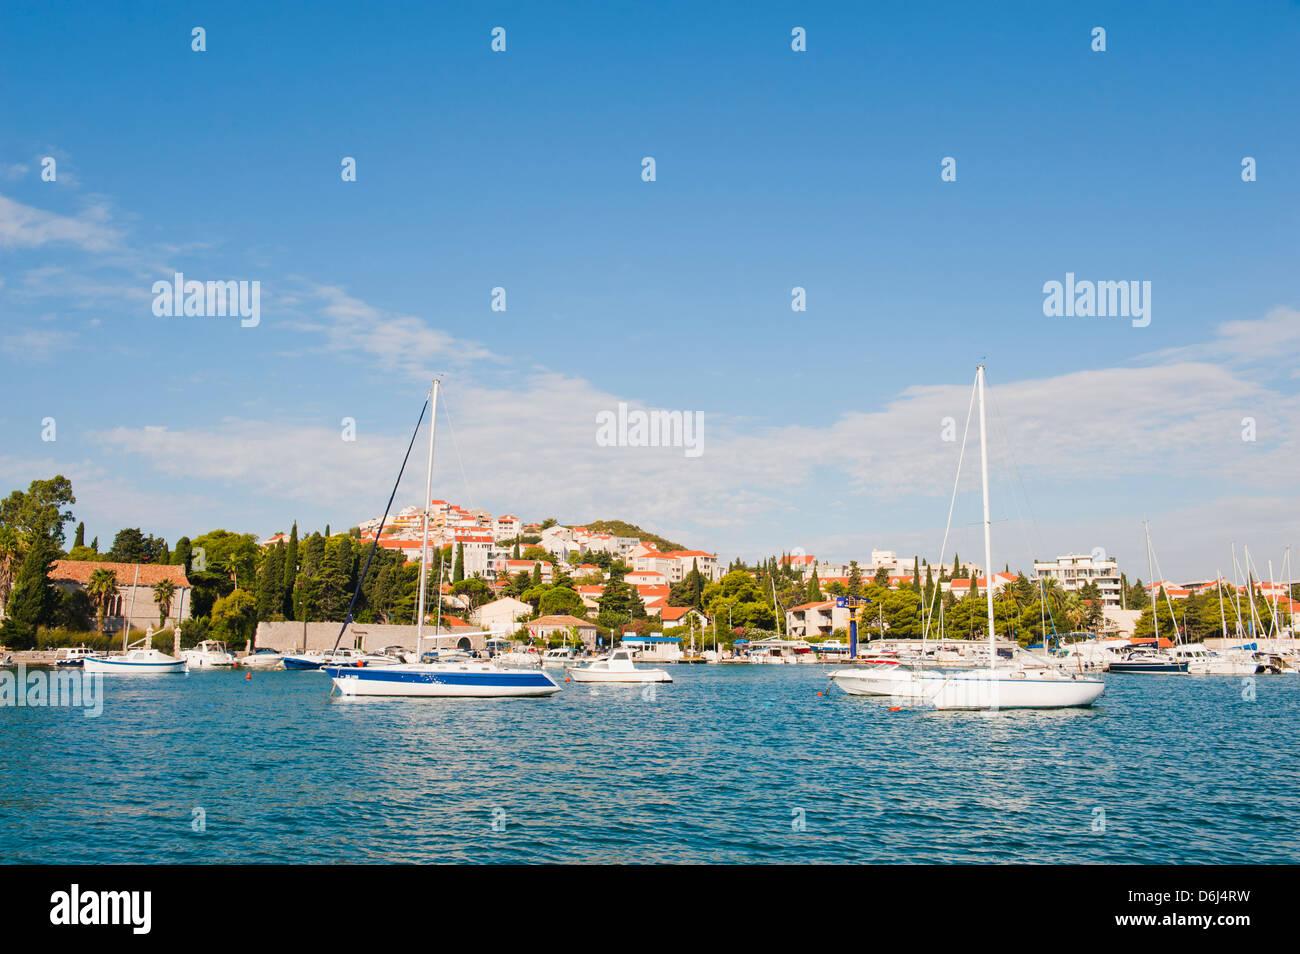 Sailing boats at Kolocep Island (Kalamota), Elaphiti Islands, Dalmatian Coast, Adriatic Sea, Croatia, Europe - Stock Image